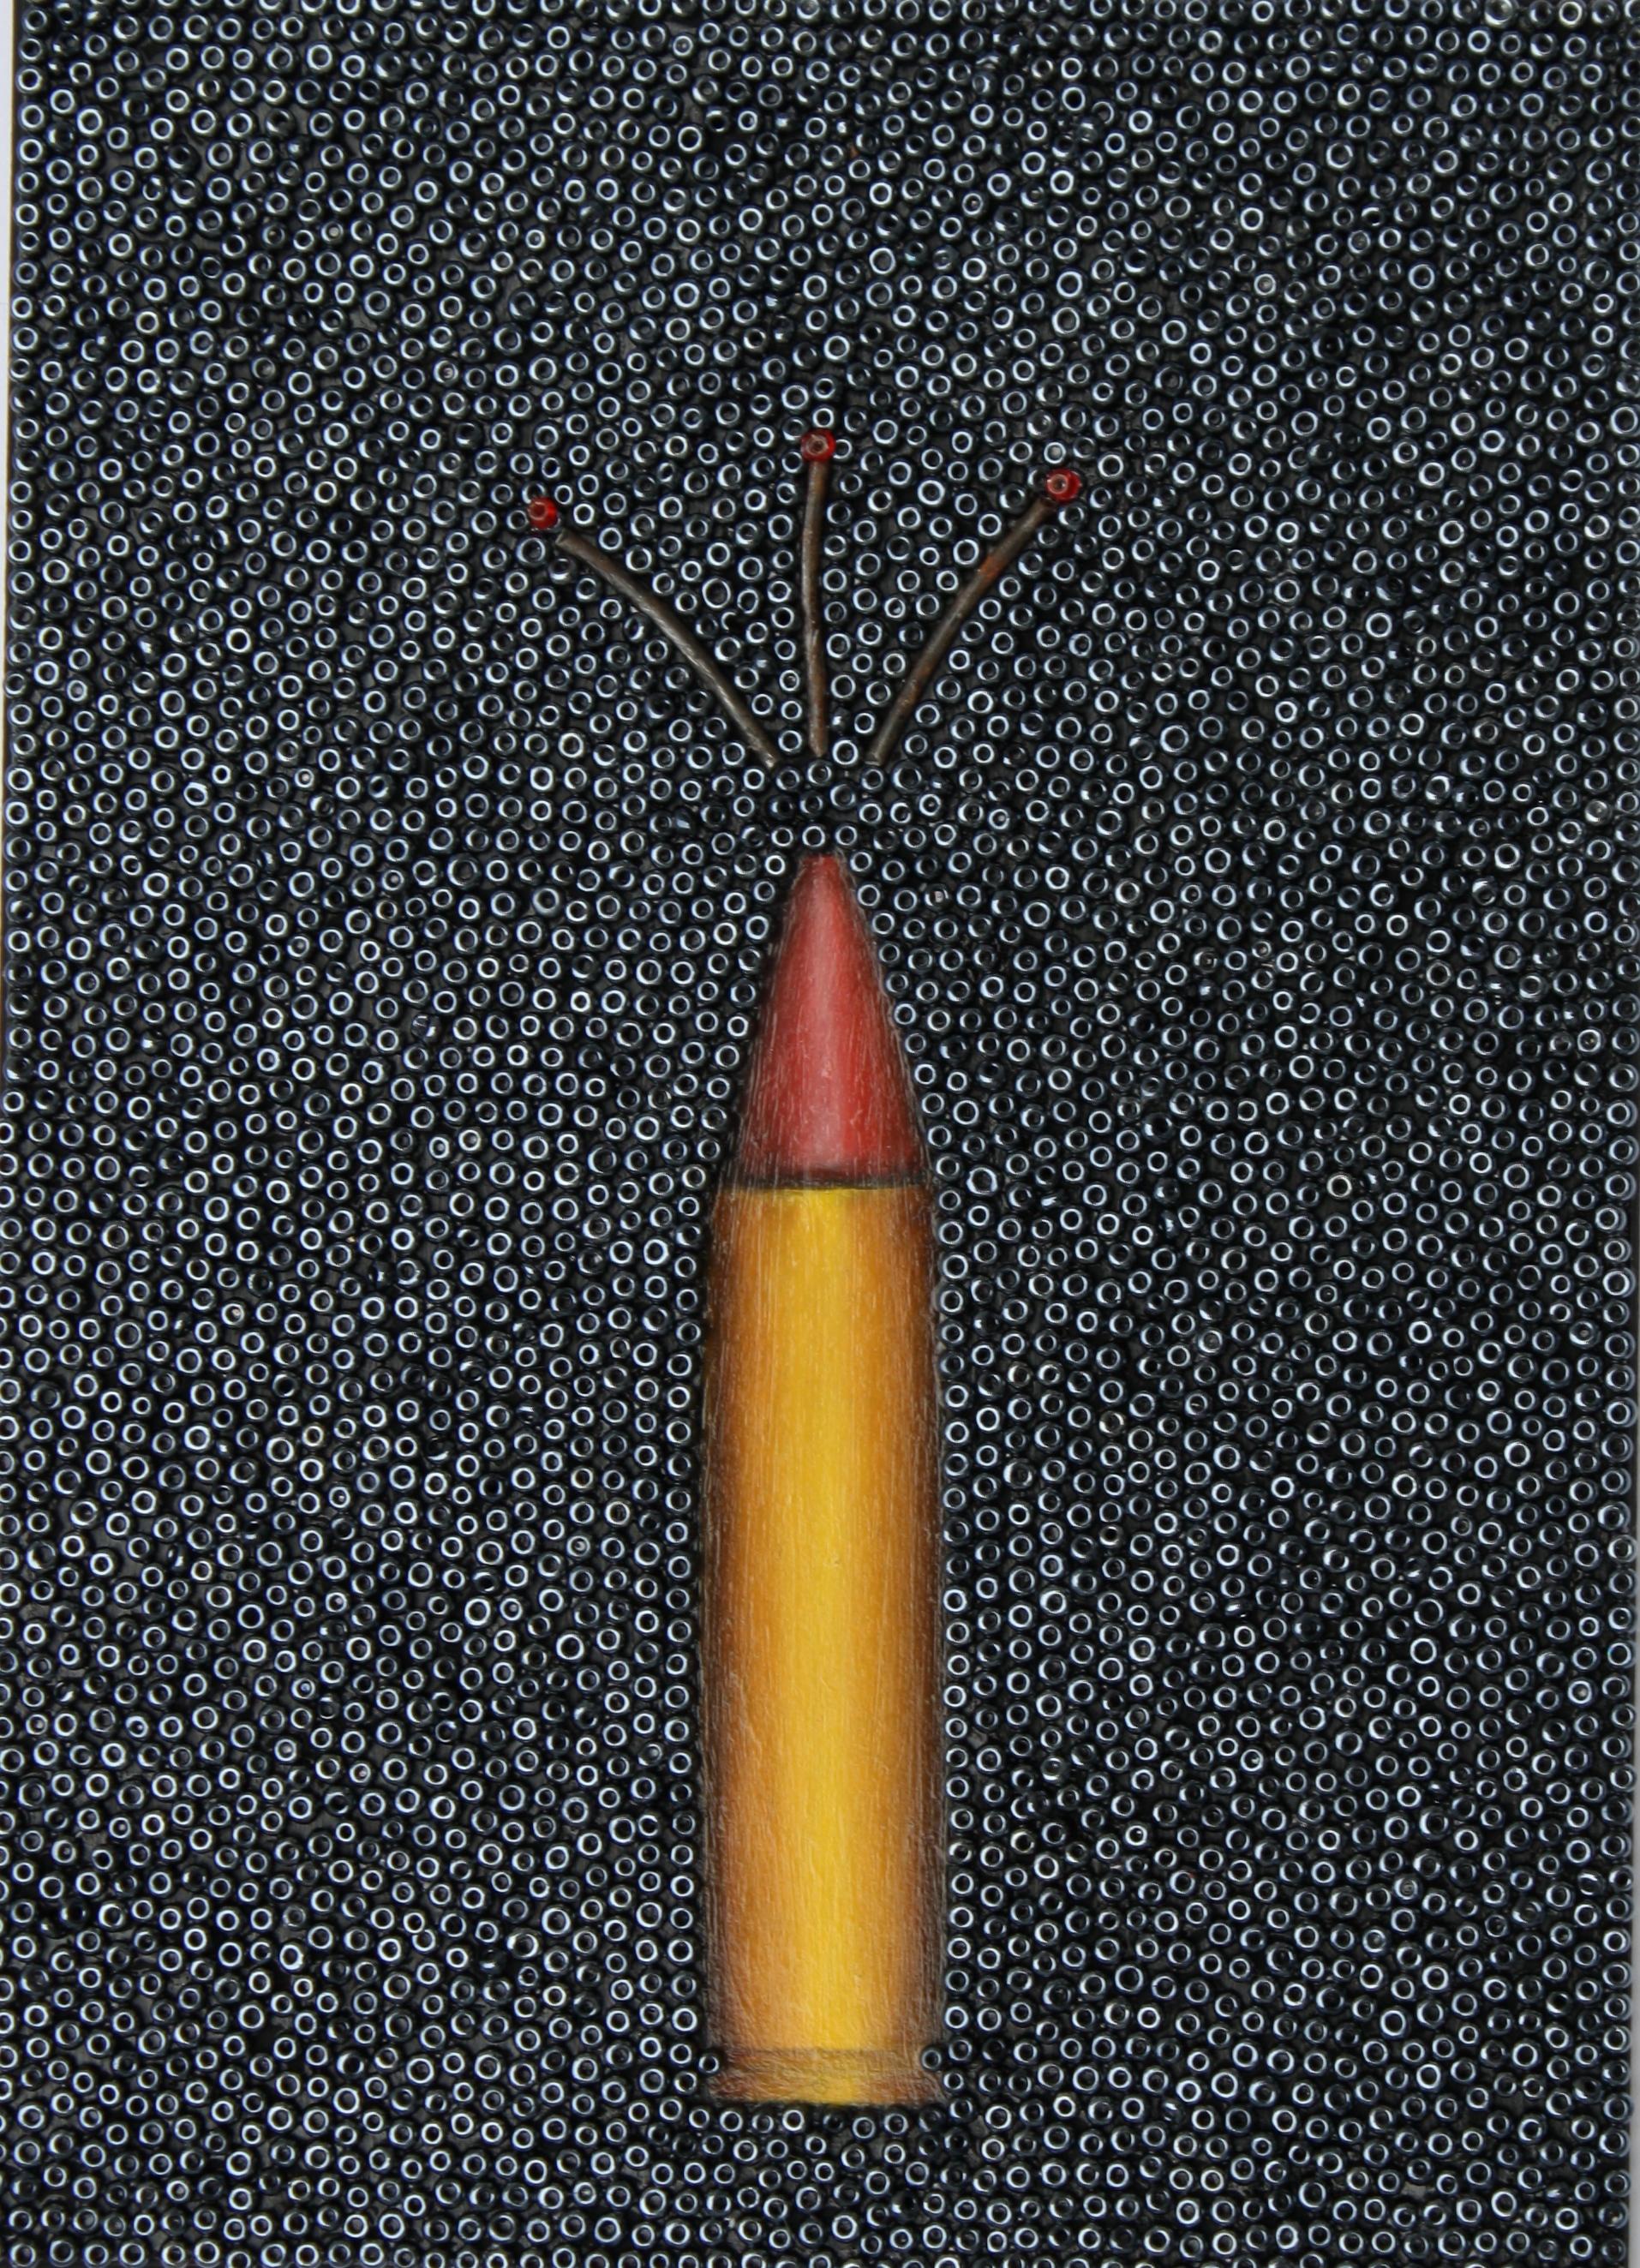 Bullet Study #2